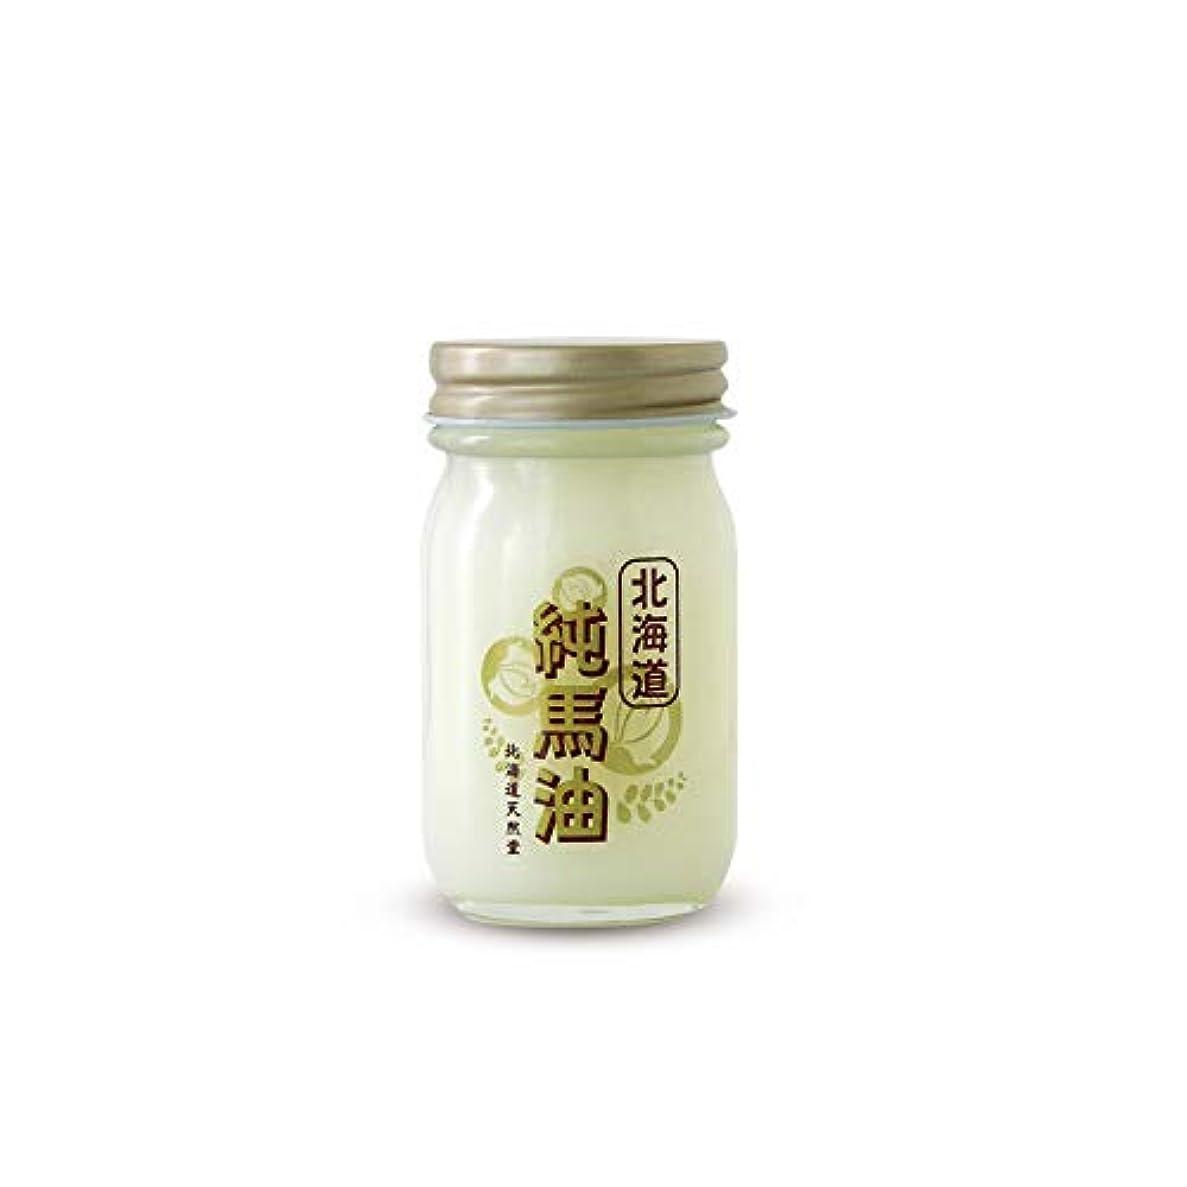 パリティ忠実な艶純馬油 70ml 【国内限定】/ 北海道天然堂